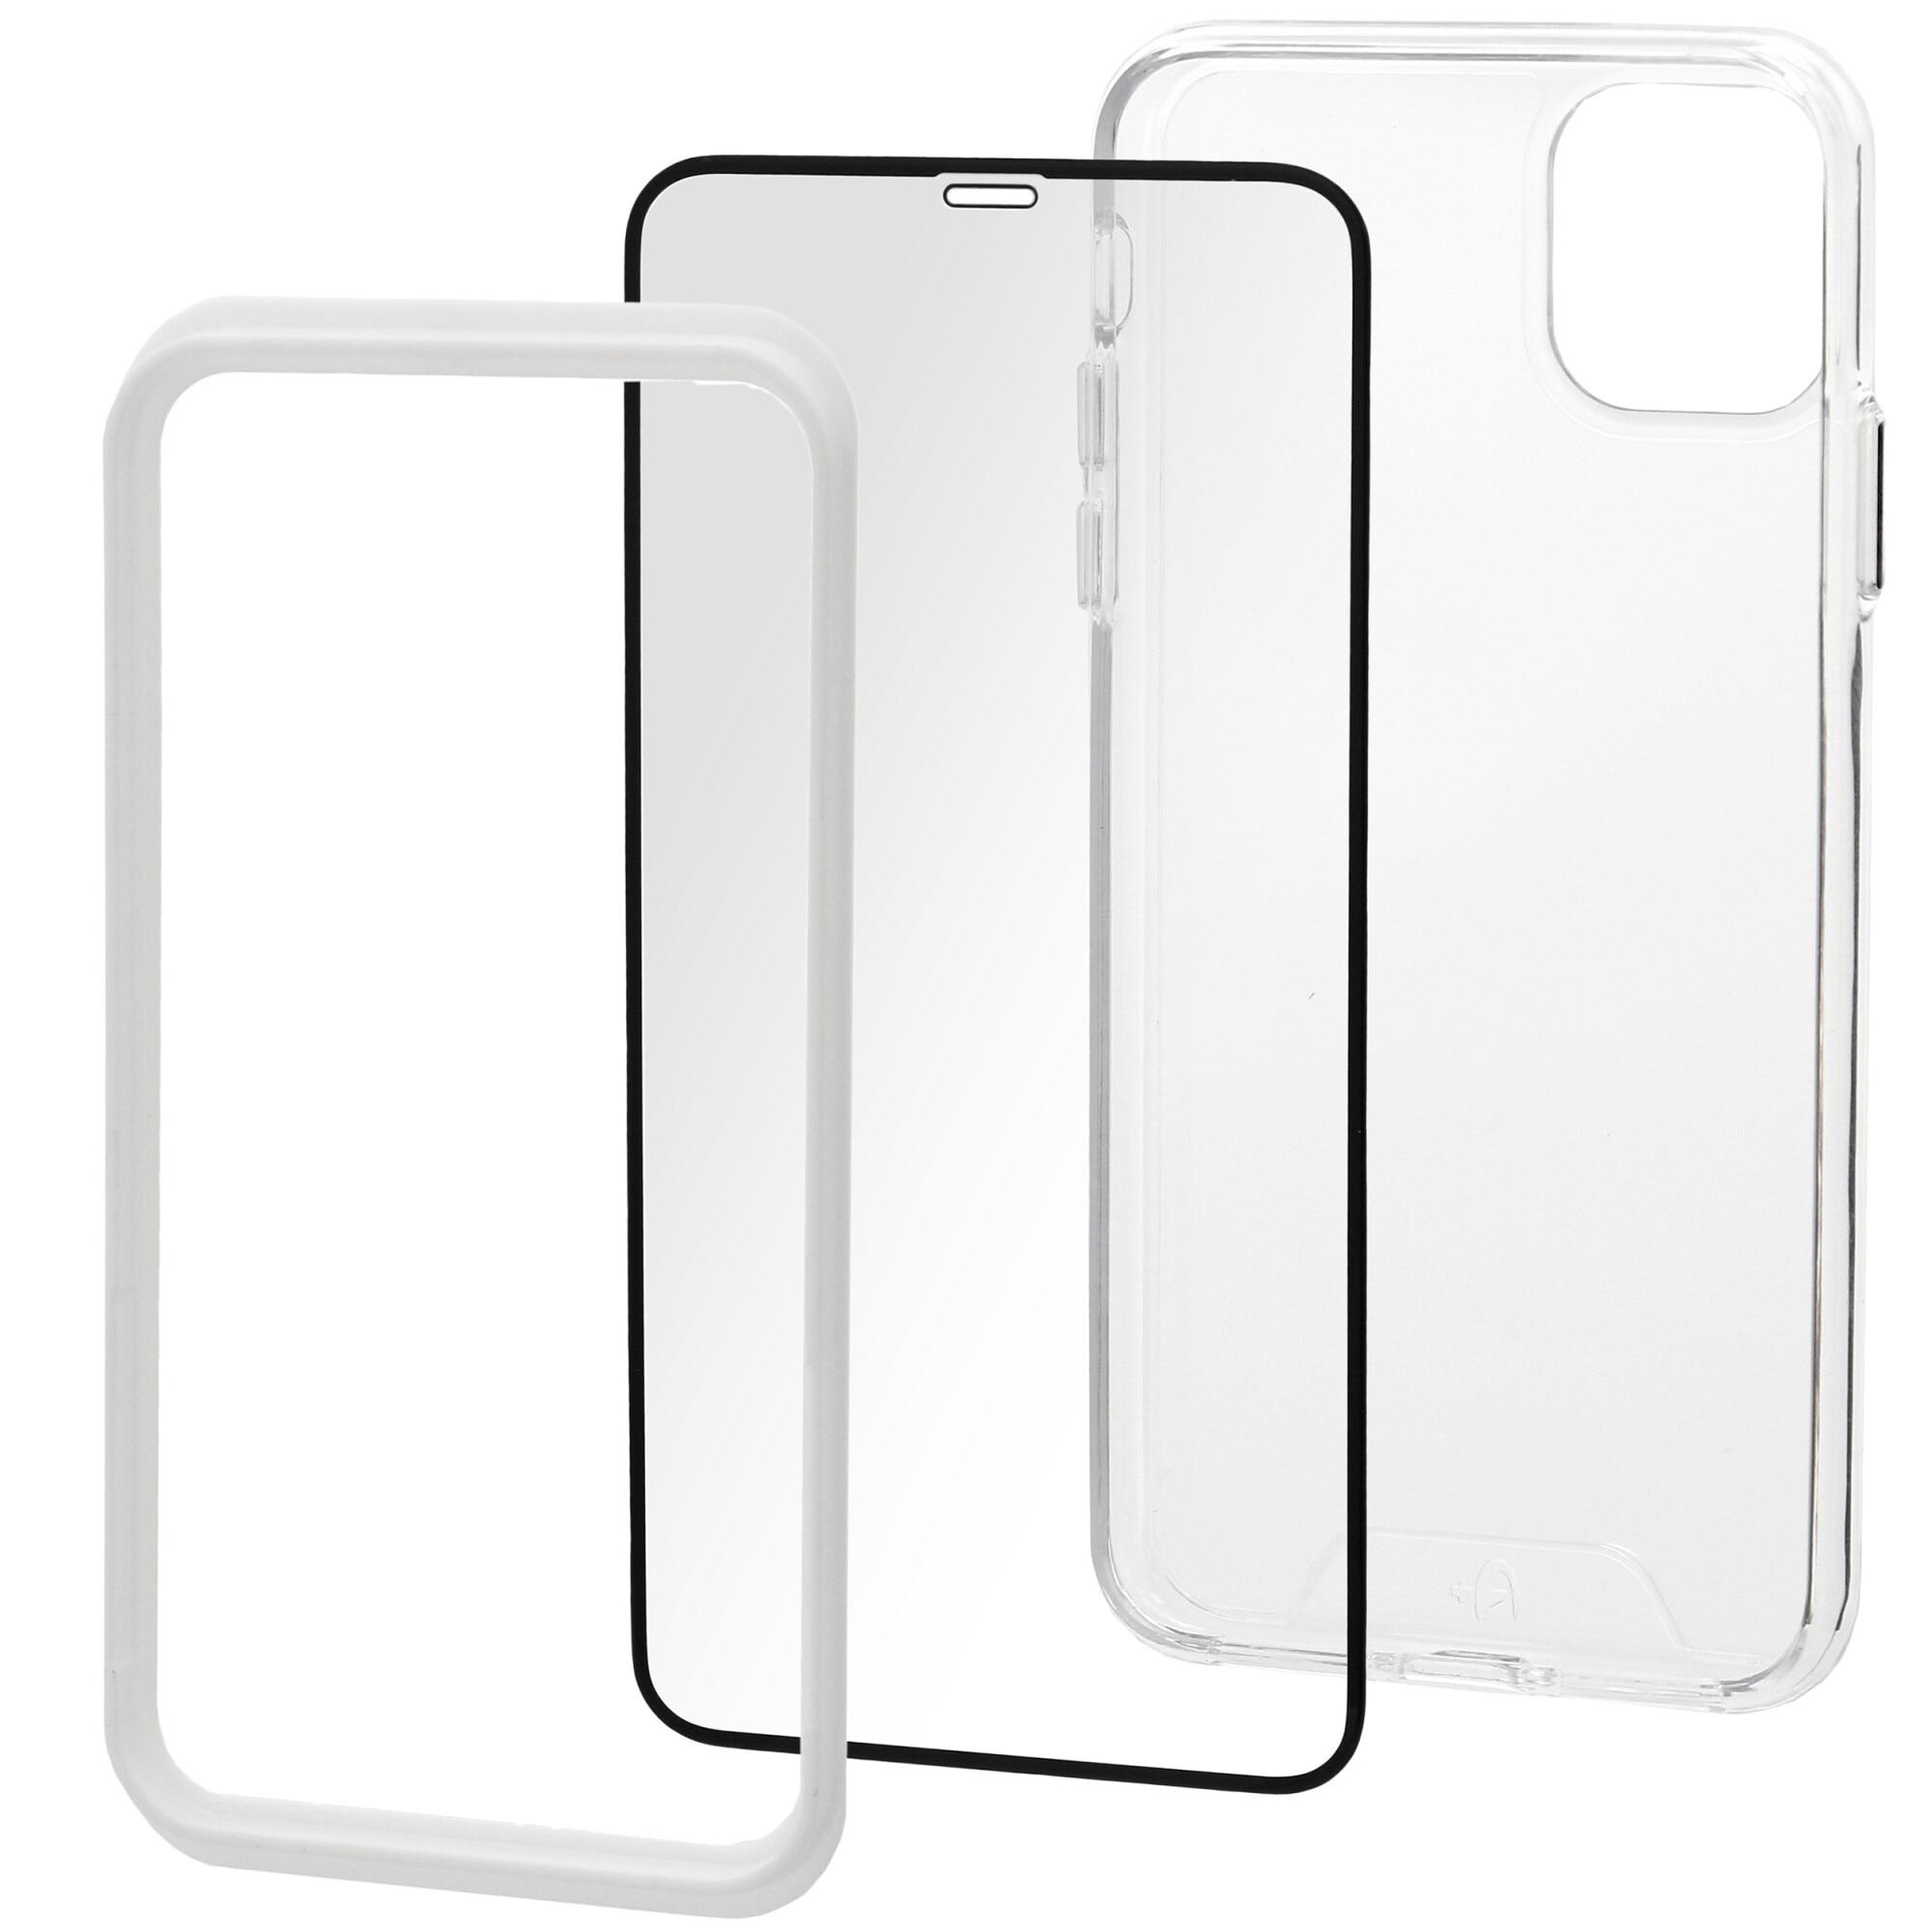 Fotografie Set Folie de protectie A+ Tempered Glass 3D/ Husa transparenta silicon A+ pentru iPhone 11 Pro Max 6.5''